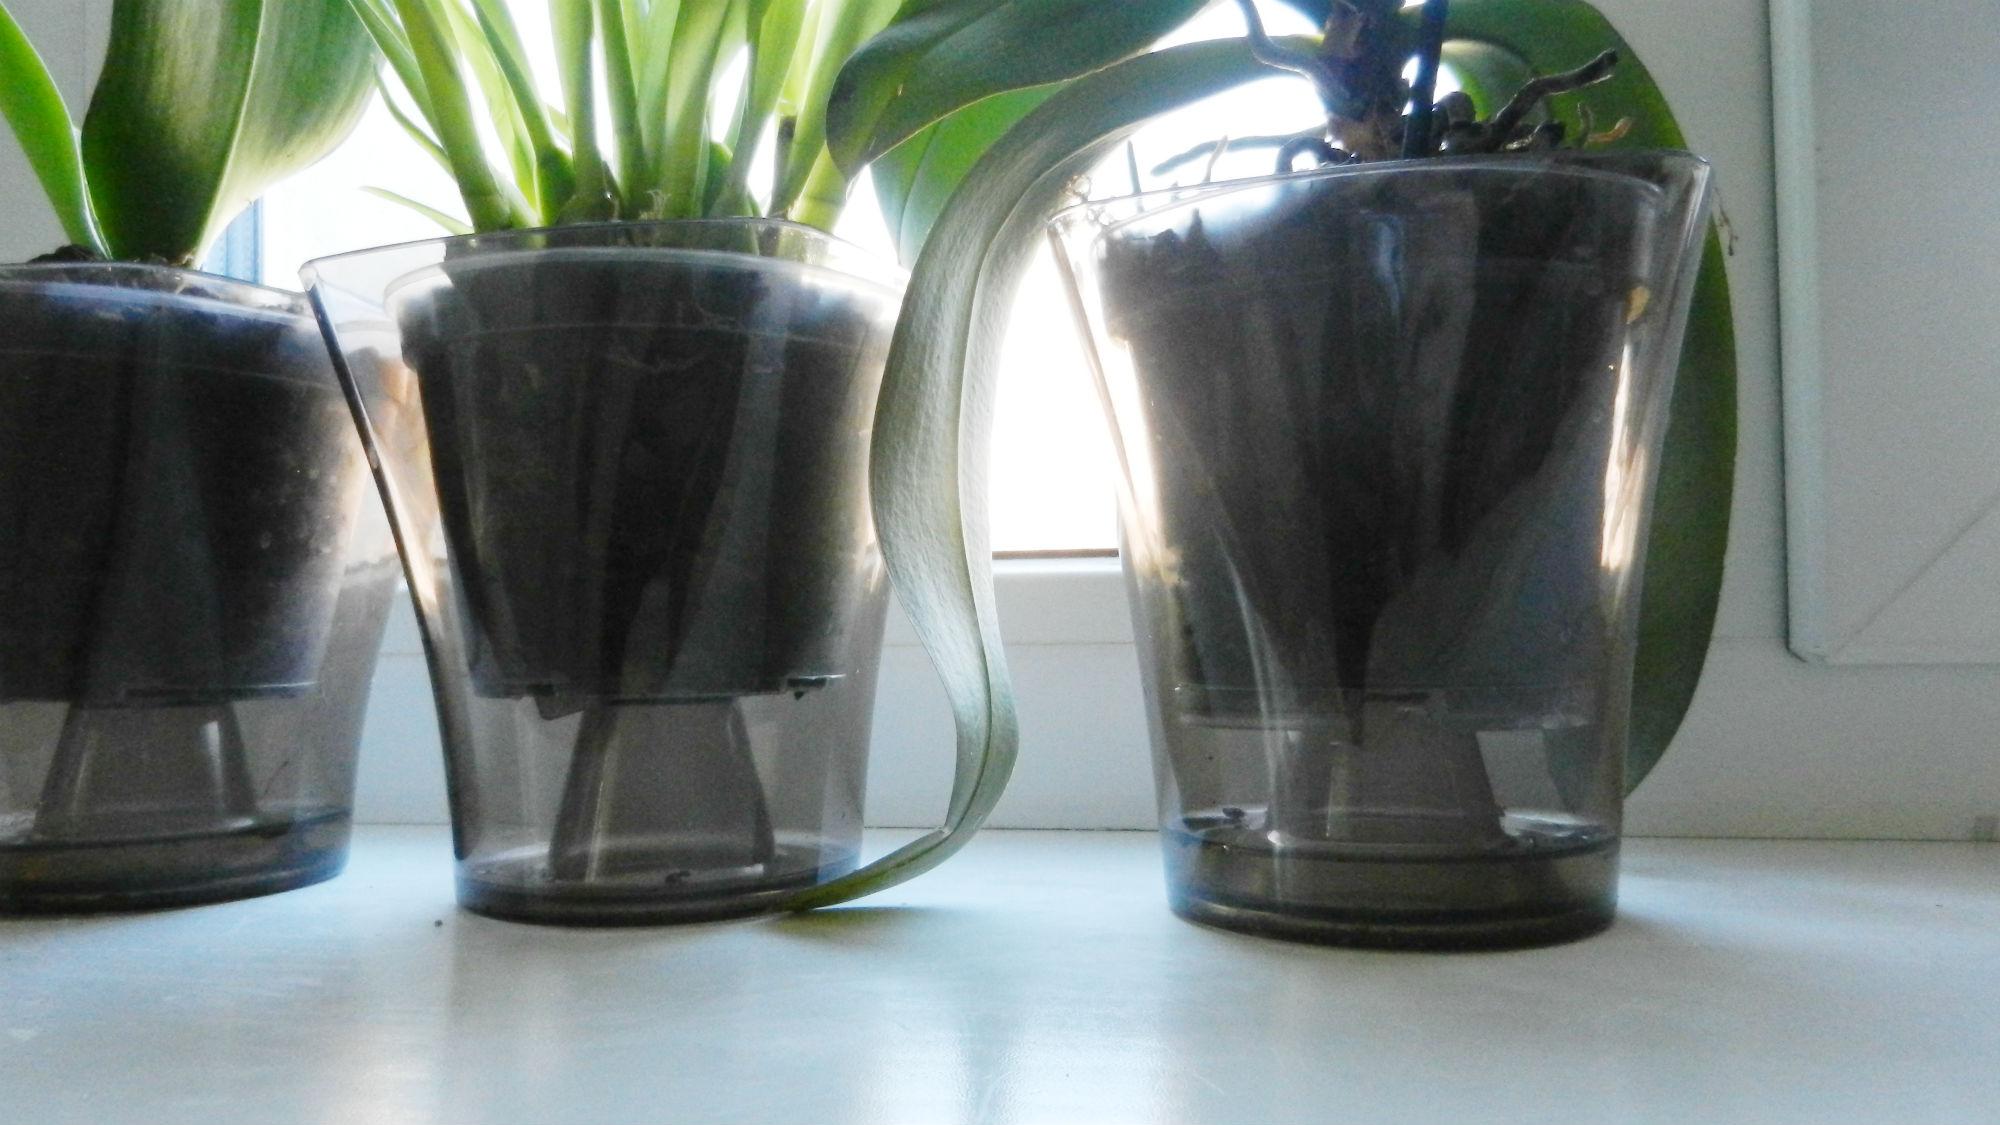 Вазон для полива орхидеи зимой.